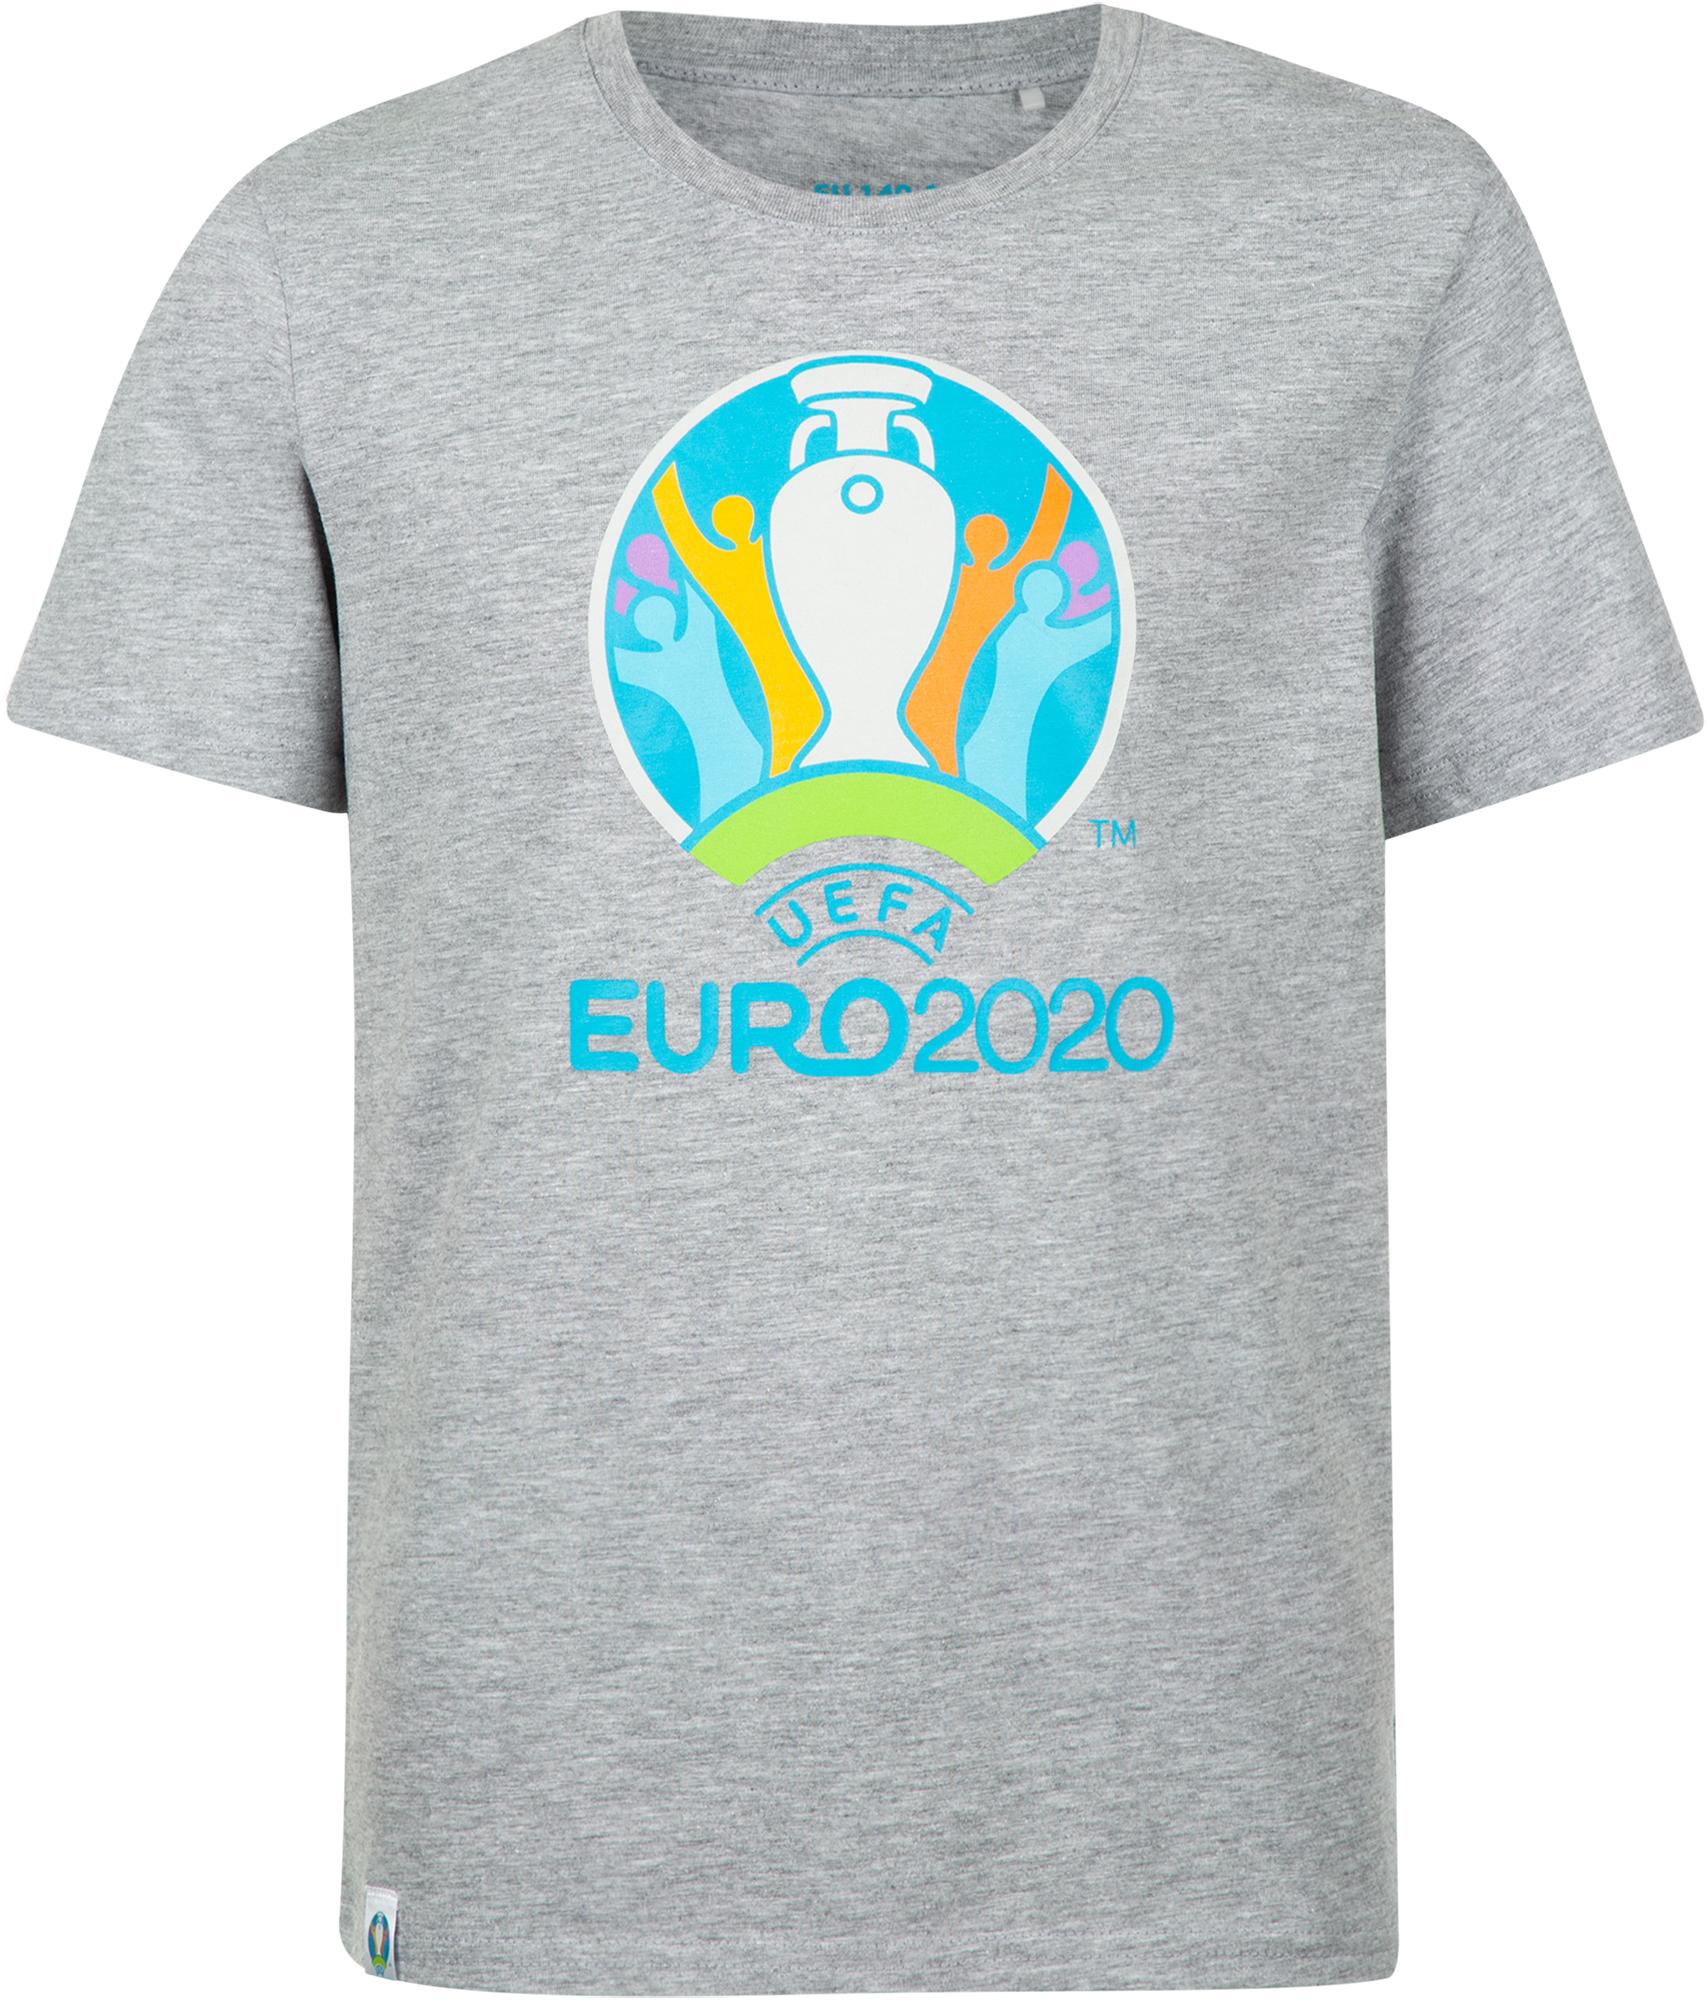 UEFA Футболка для мальчиков EURO 2020, размер 164-170